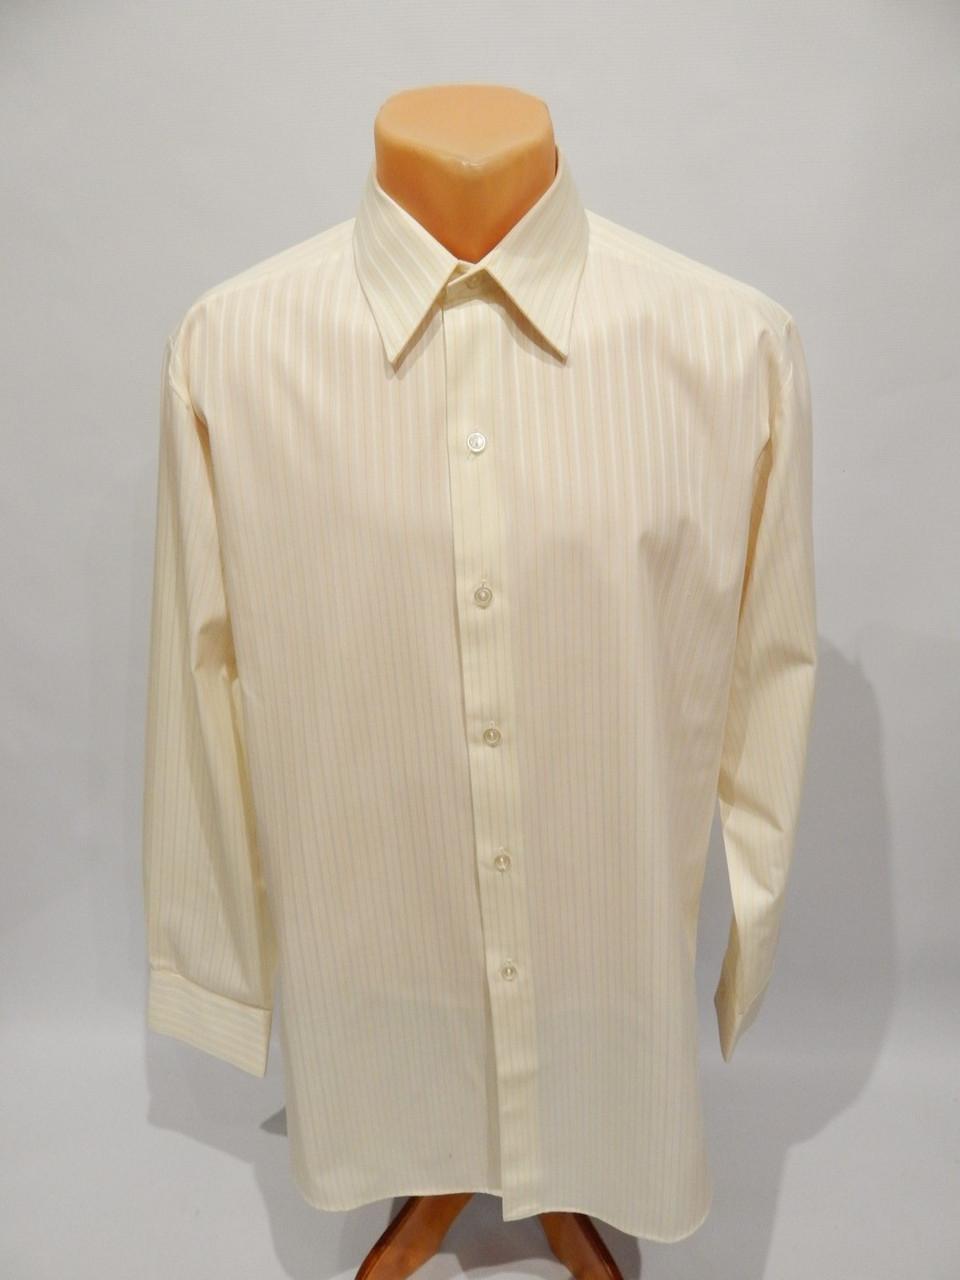 Мужская рубашка  длинным рукавом Seidensticker vestan  оригинал 029ДР р.50